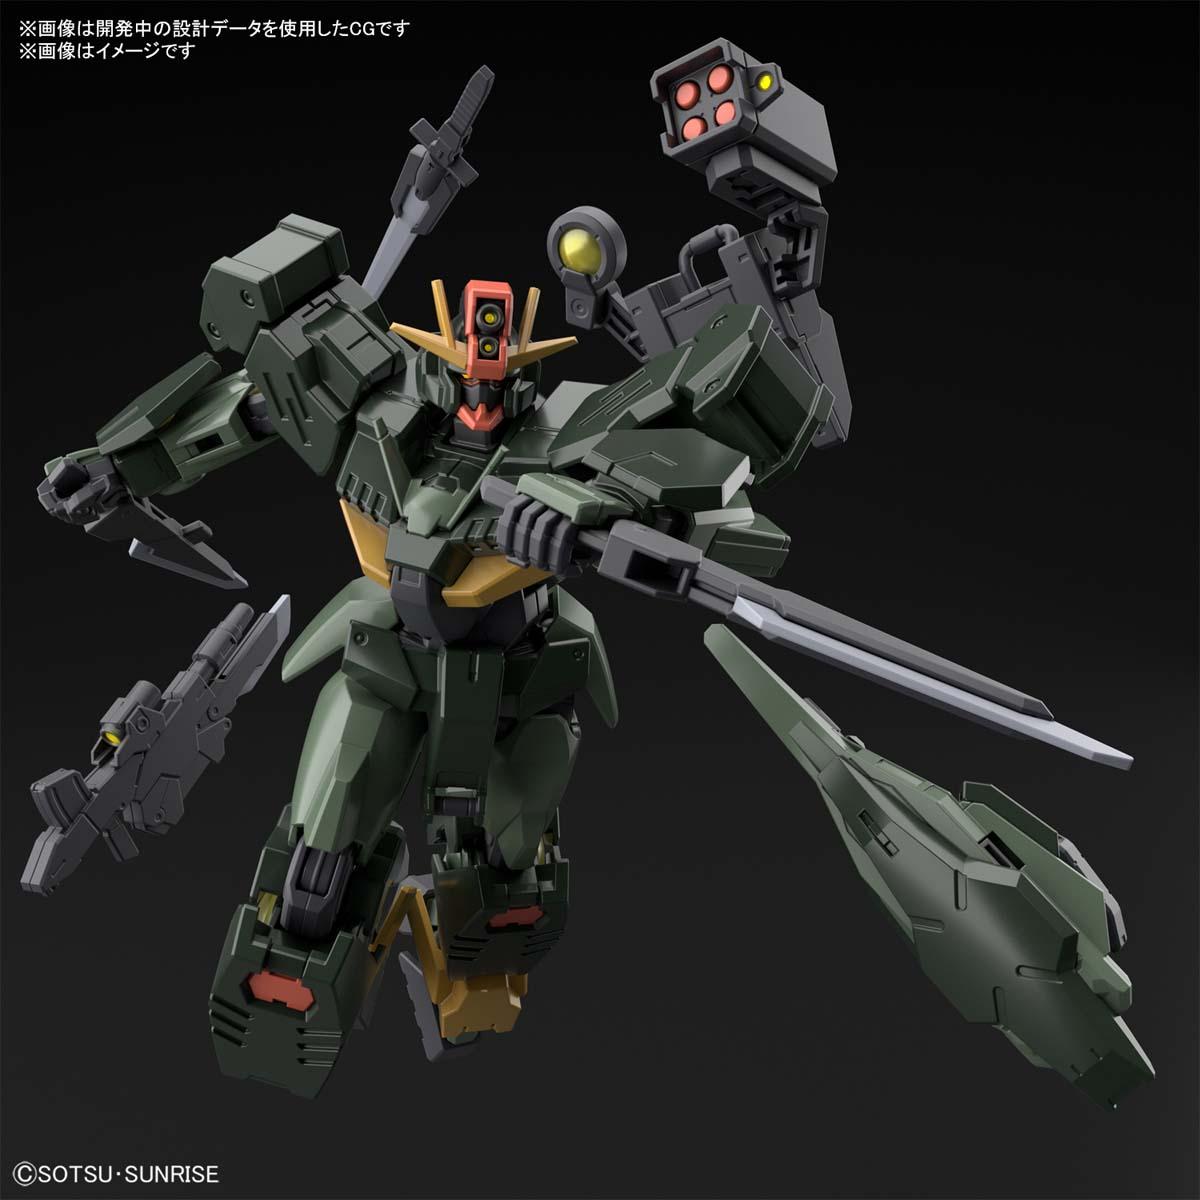 HG 1/144『ガンダムダブルオーコマンドクアンタ』ガンダムブレイカー バトローグ プラモデル-009